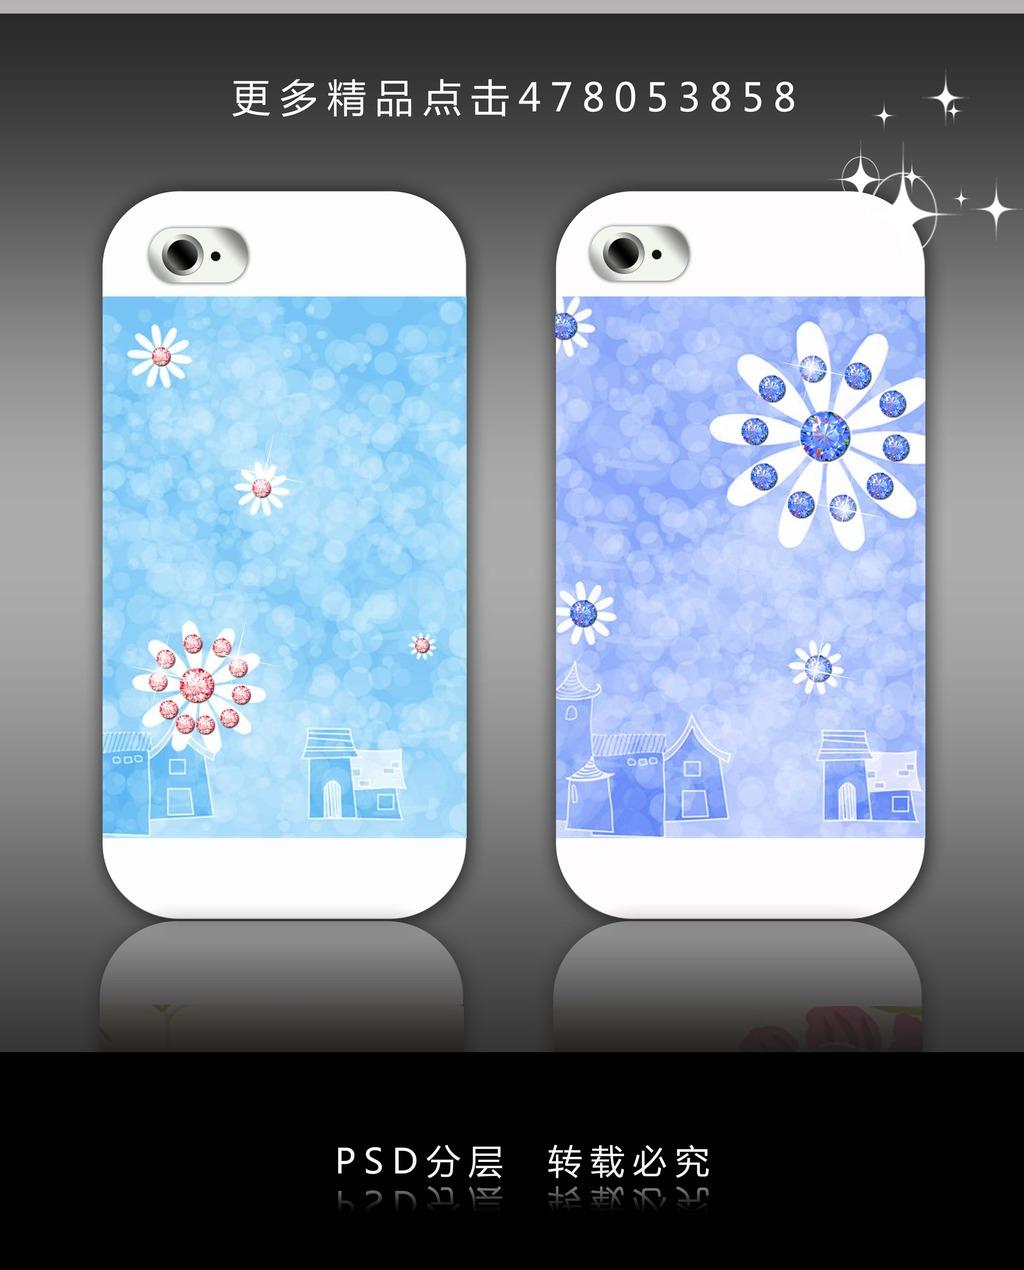 清新炫彩手机壳图案设计